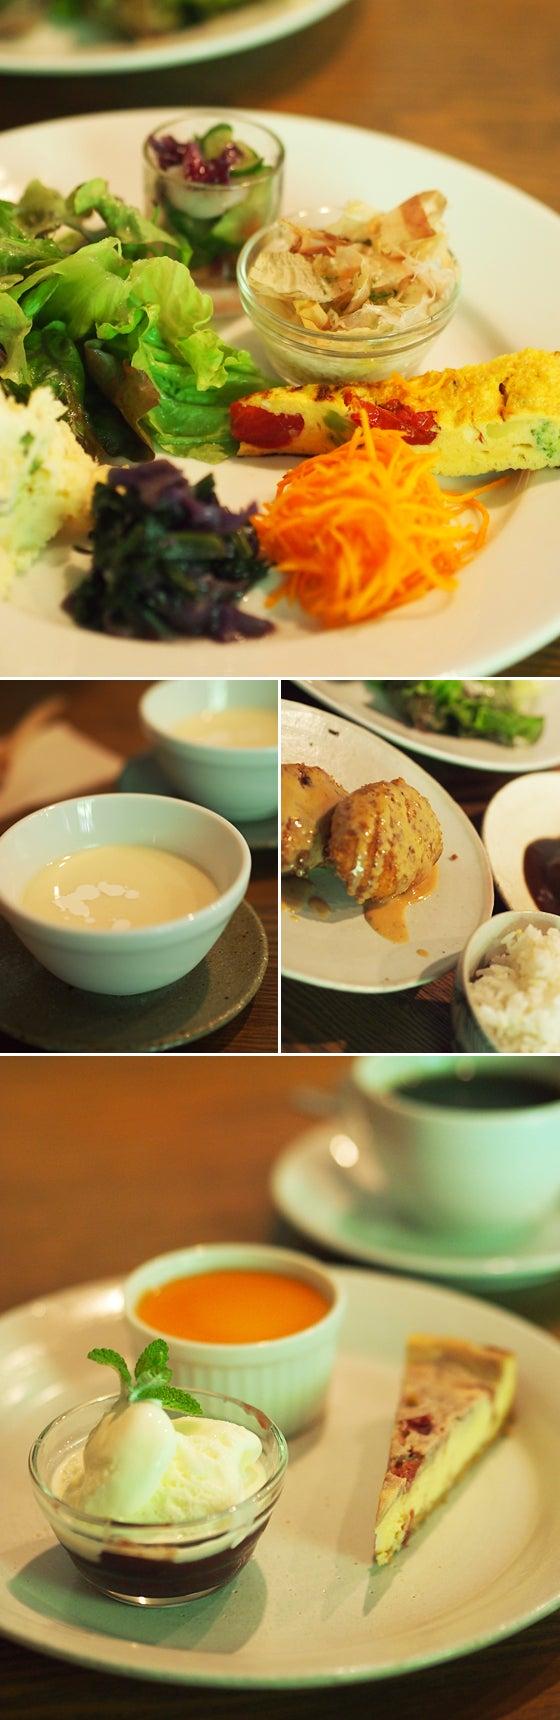 風びより cafe cozy(カフェコージー) 長崎県南島原市